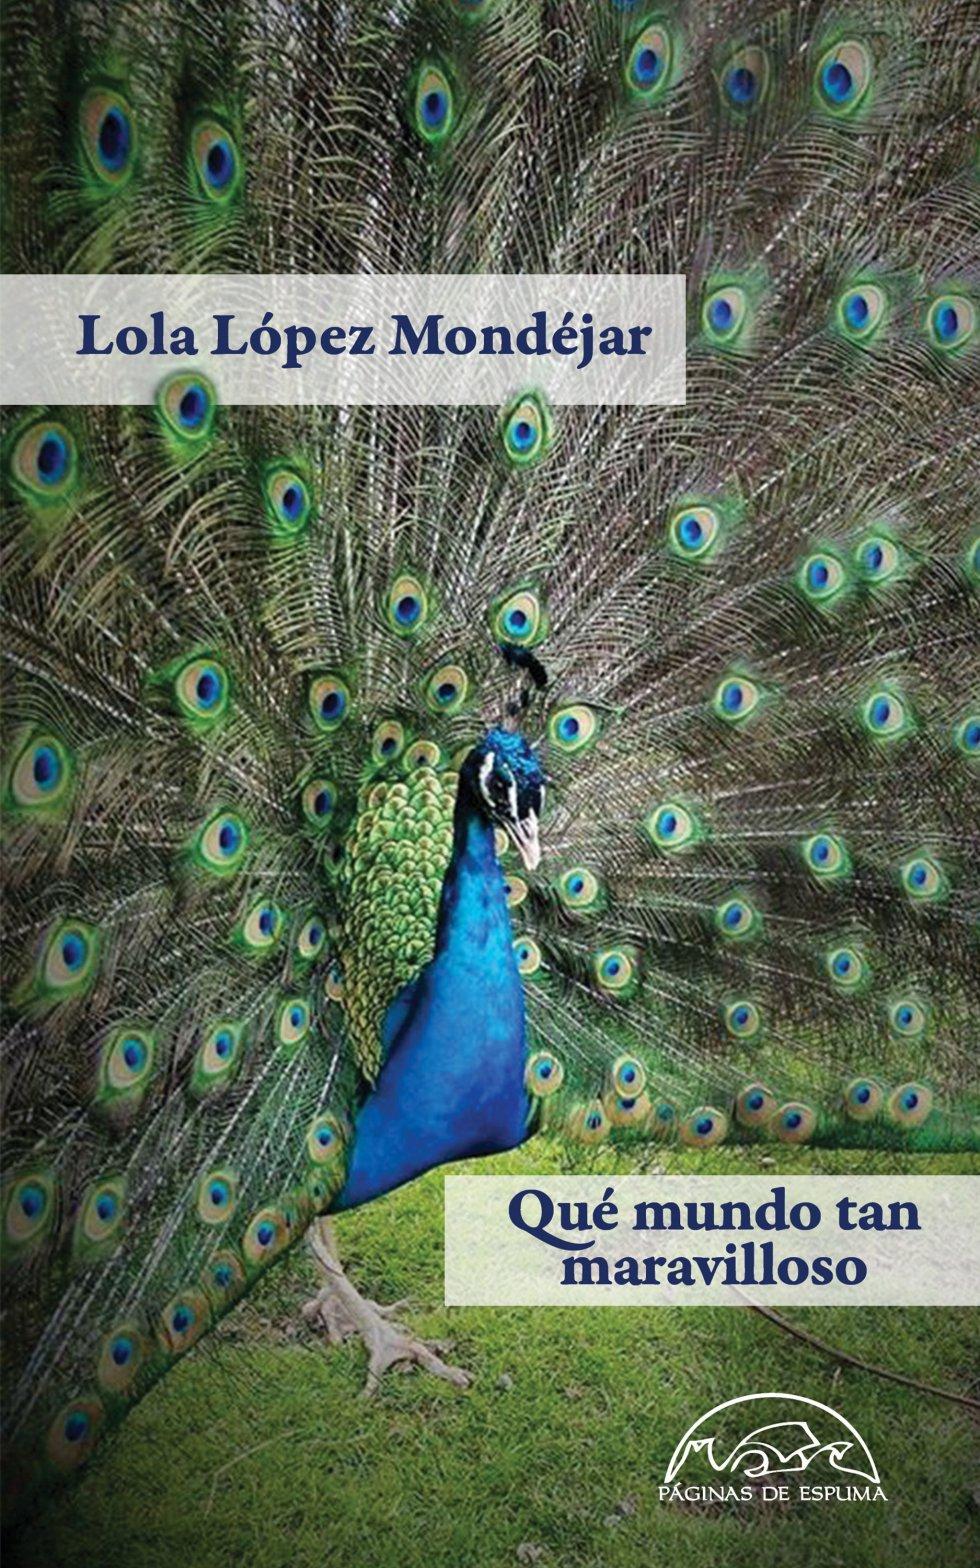 Empezaré hablando de un asunto que incumbe a 'Qué mundo tan maravilloso'. Es cierto que hay leyes aplicables a la escritura de cuentos. Esas leyes se suelen respetar más o menos consciente o inconscientemente, aunque quienes más las observan son los que las han creado. A partir de aquí cada escritor puede hacer lo que quiera. Porque es obvio que nadie escribe con el manual en la mano, por más que esté firmado por Hemingway o Ricardo Piglia. Digo esto porque me parece que la escritora murciana Lola López Mondéjar ha escrito los cuentos que conforman 'Qué mundo tan maravilloso', haciendo caso solo a la materia argumental que salía de su imaginación. Y, sobre todo, a la visión que la escritora tiene de unas mujeres en unas condiciones muy concretas.